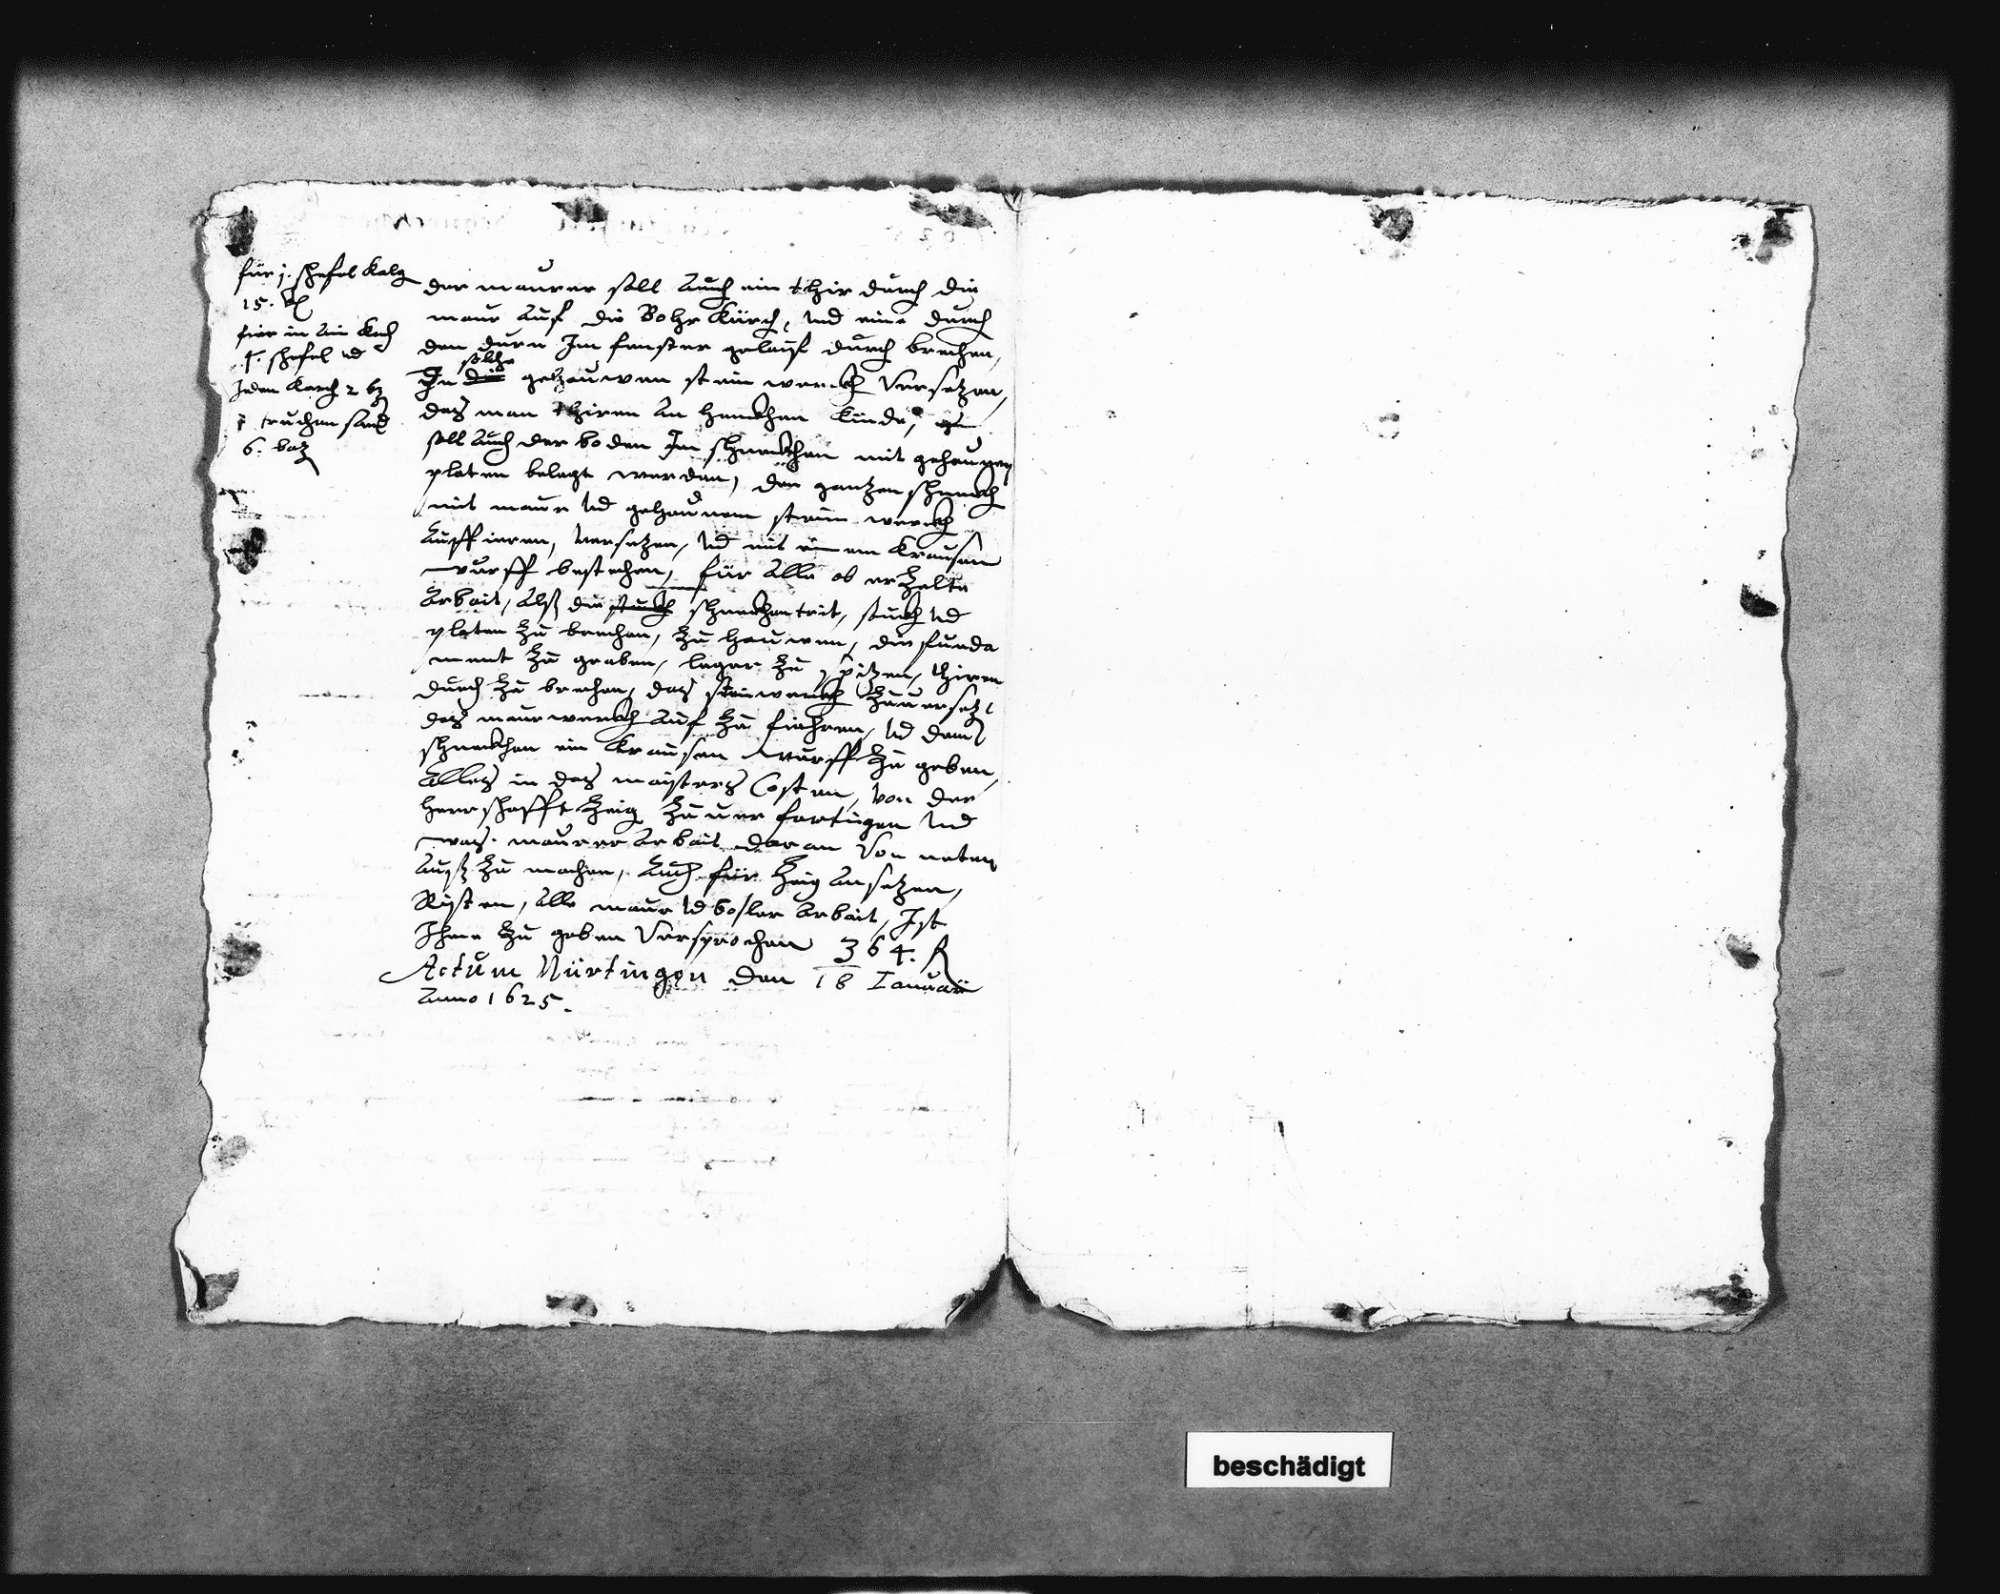 Schreiben Schickhardts auf Befehl der Herzogin Ursula von Württemberg über die Einstellung des Maurers Hans Hering (Folio Doppelblatt), Bild 2